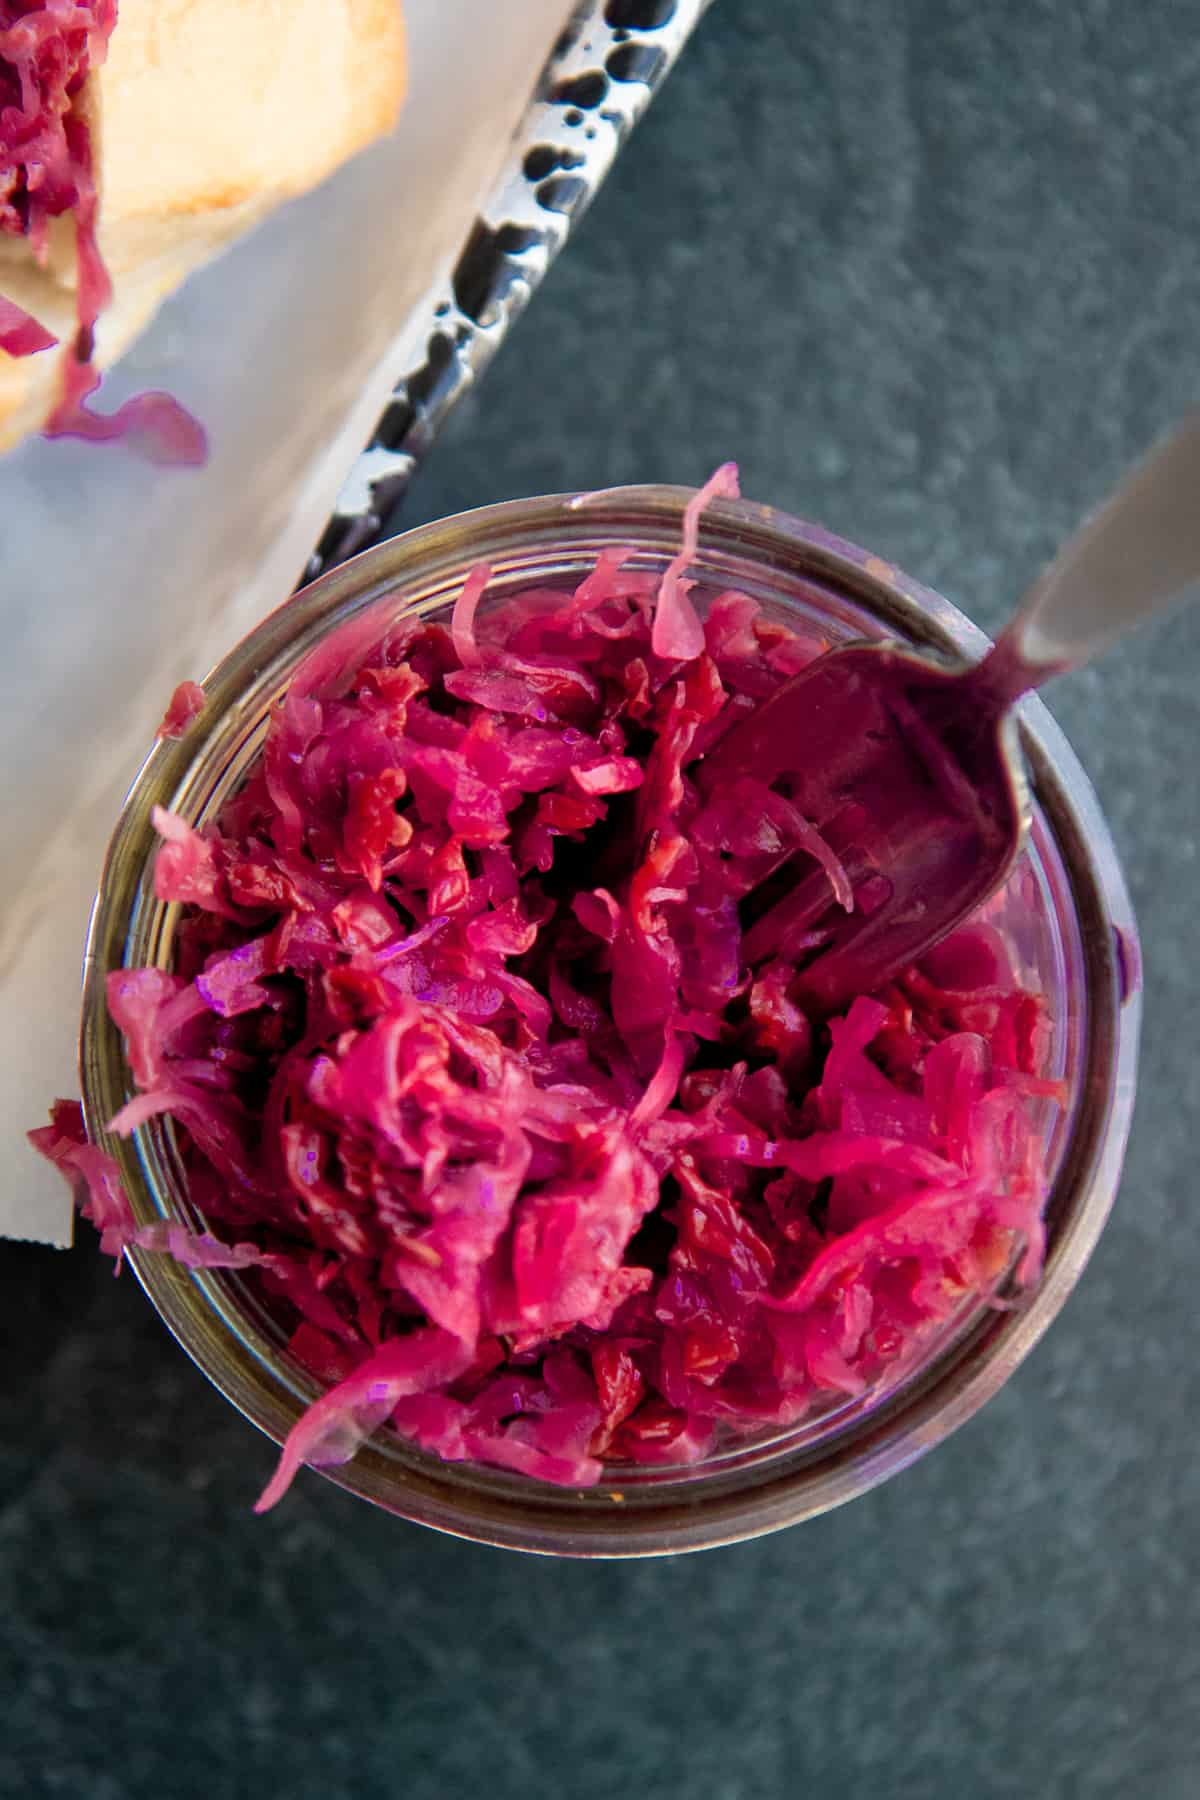 A fork dips into a glass jar of homemade sauerkraut.